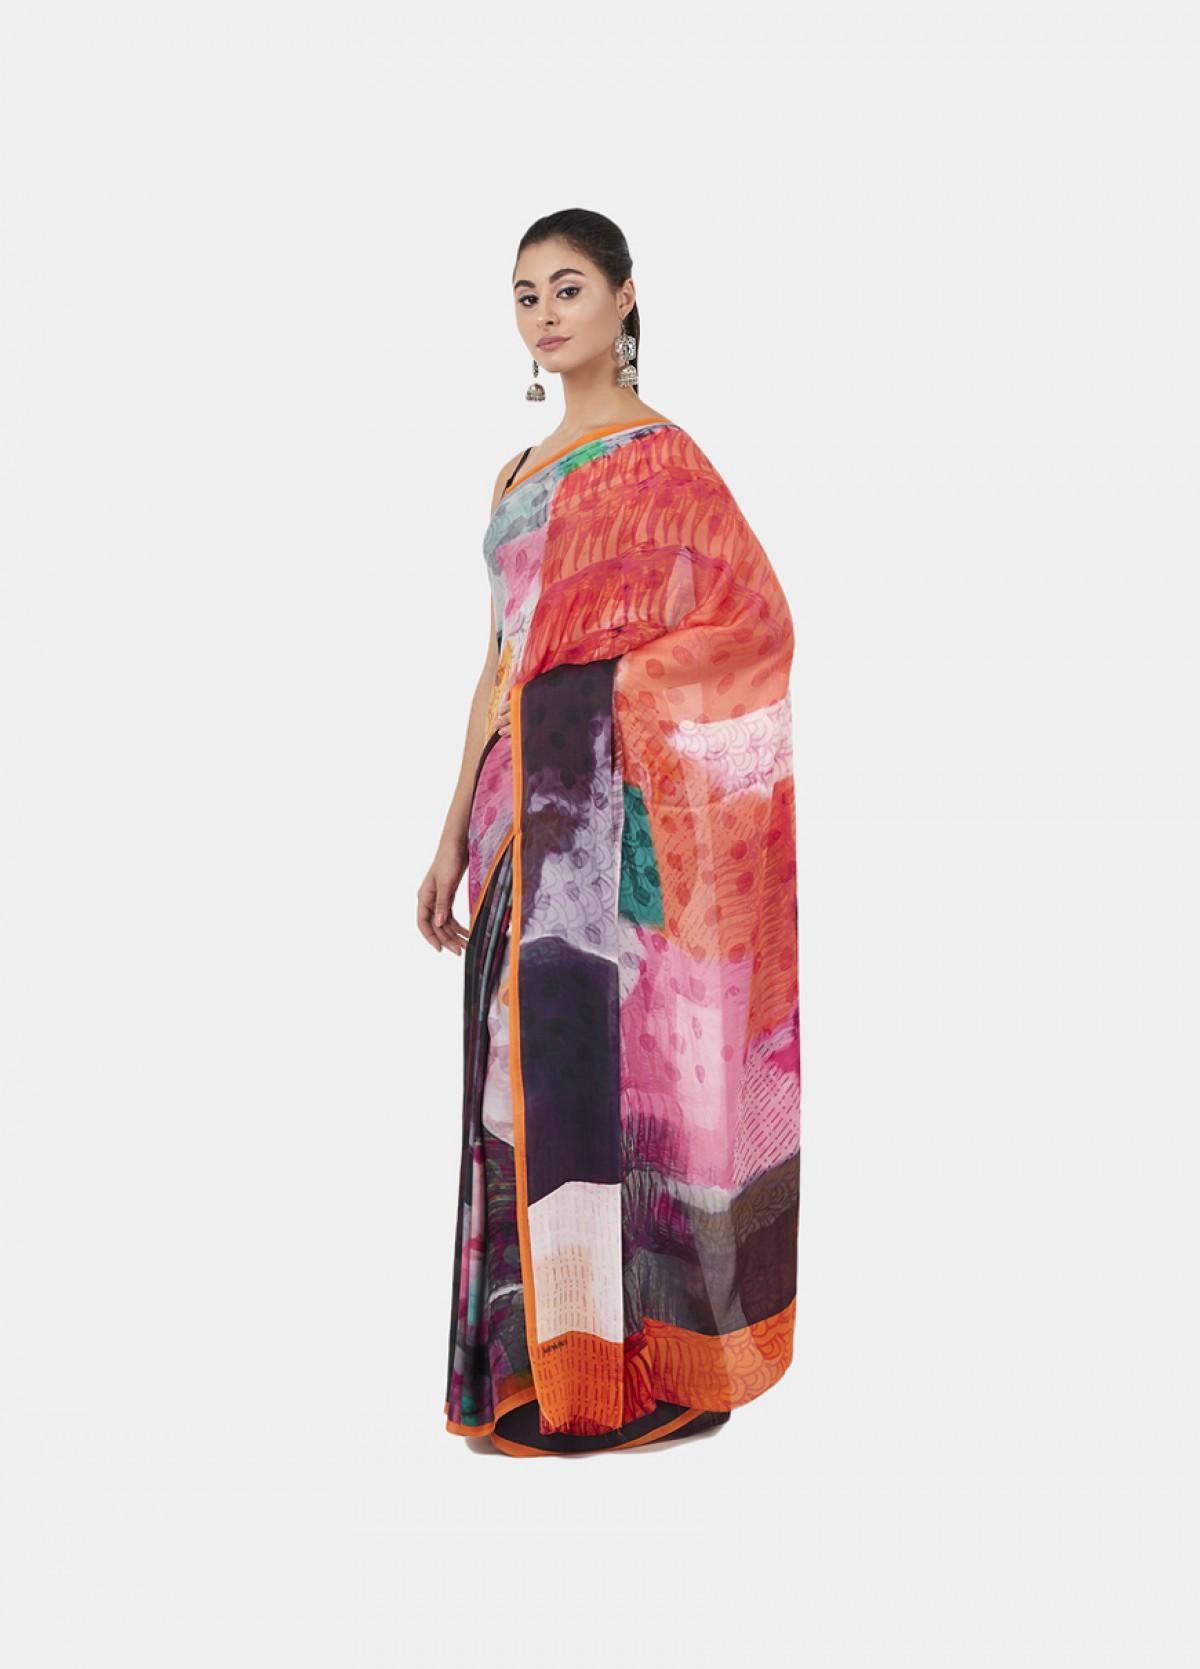 The Aangan Sari